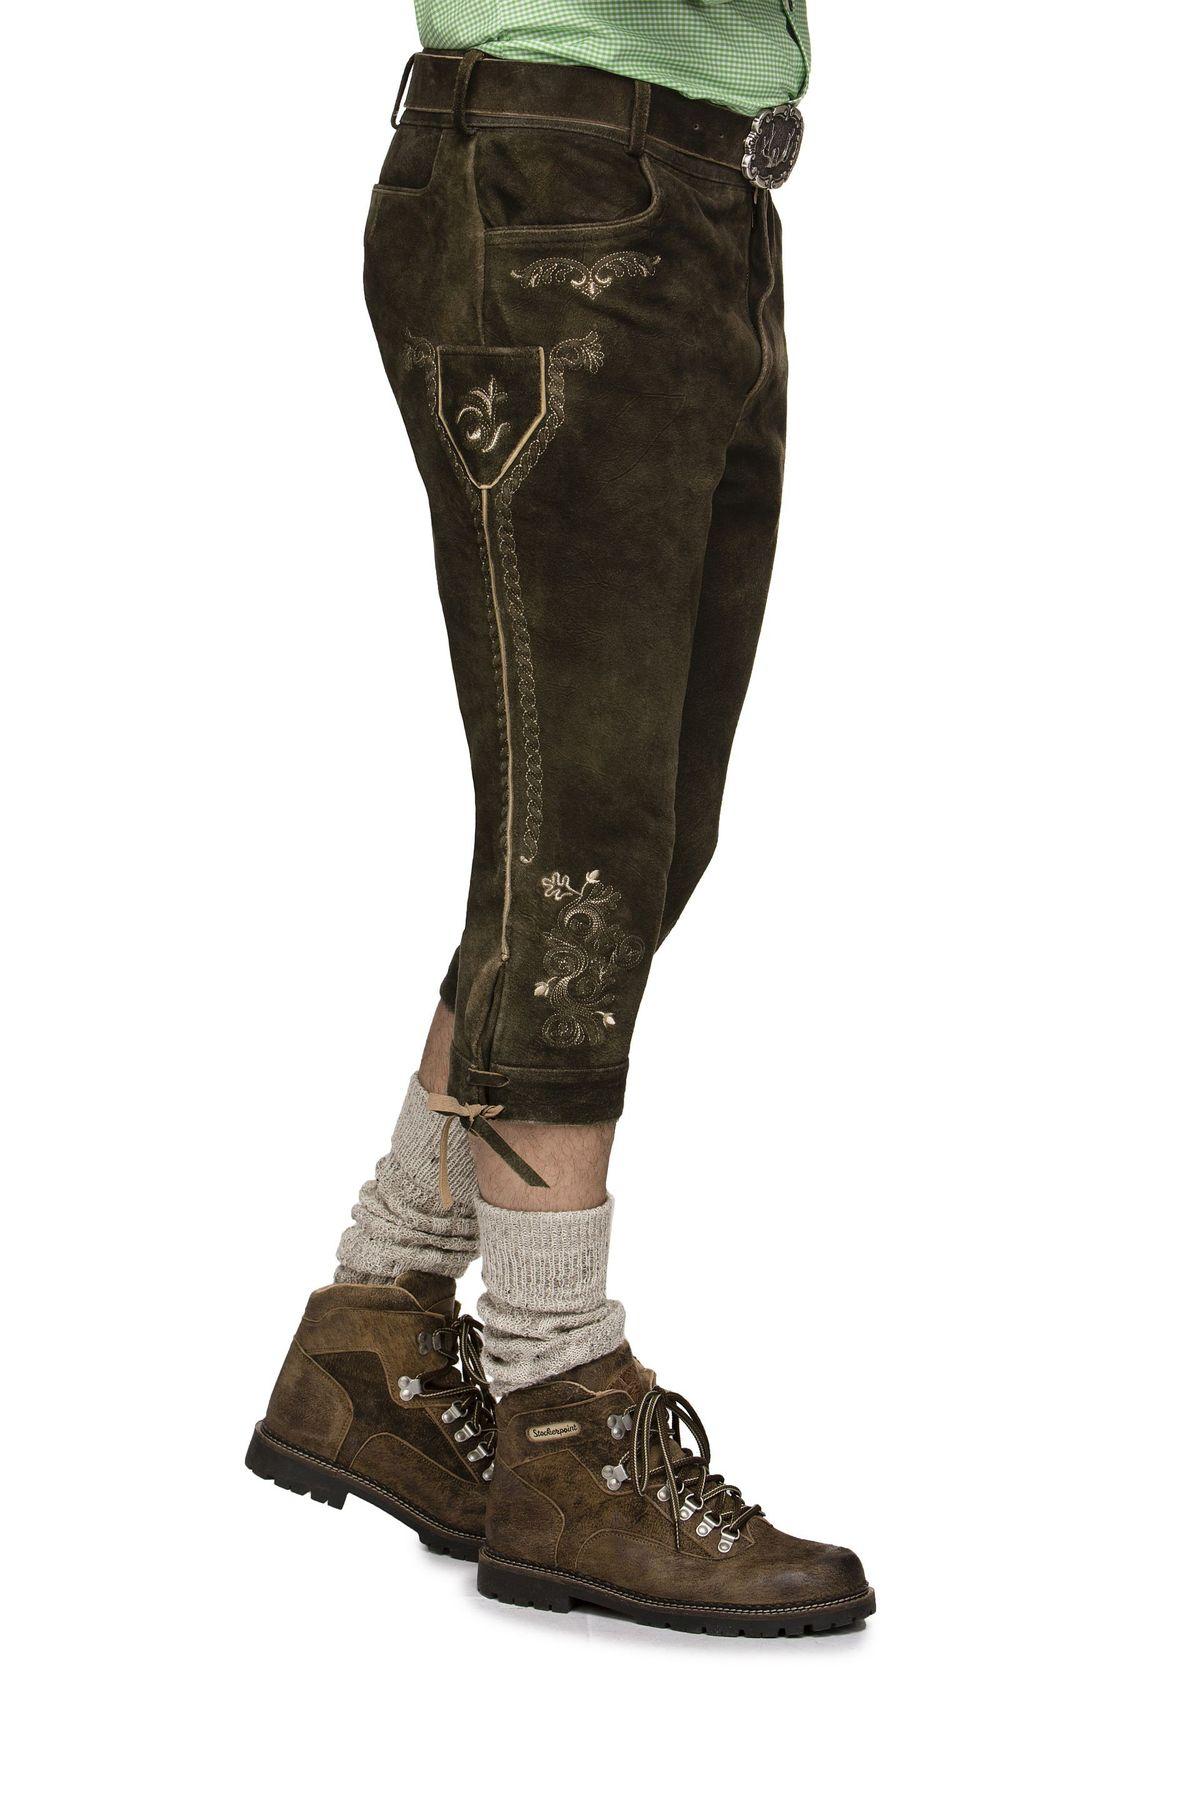 Herren Trachten Lederhose von der Marke STOCKERPOINT in verschiedenen Farben, Sigmar3 – Bild 8